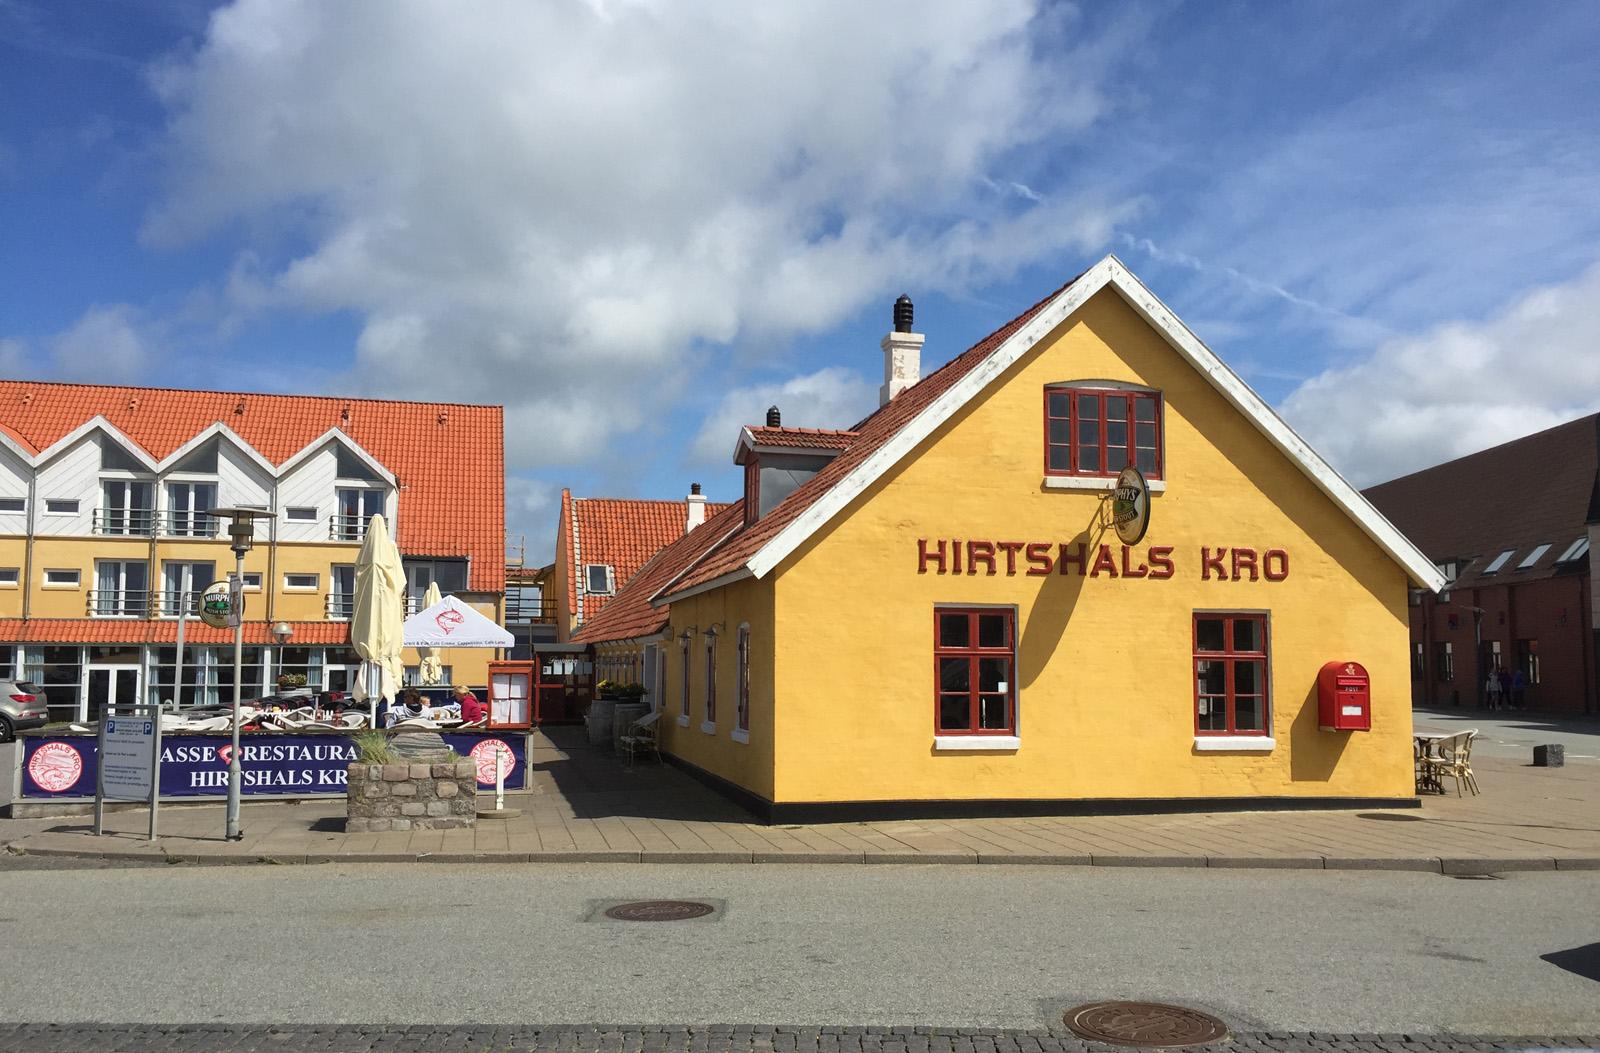 Hirtshals